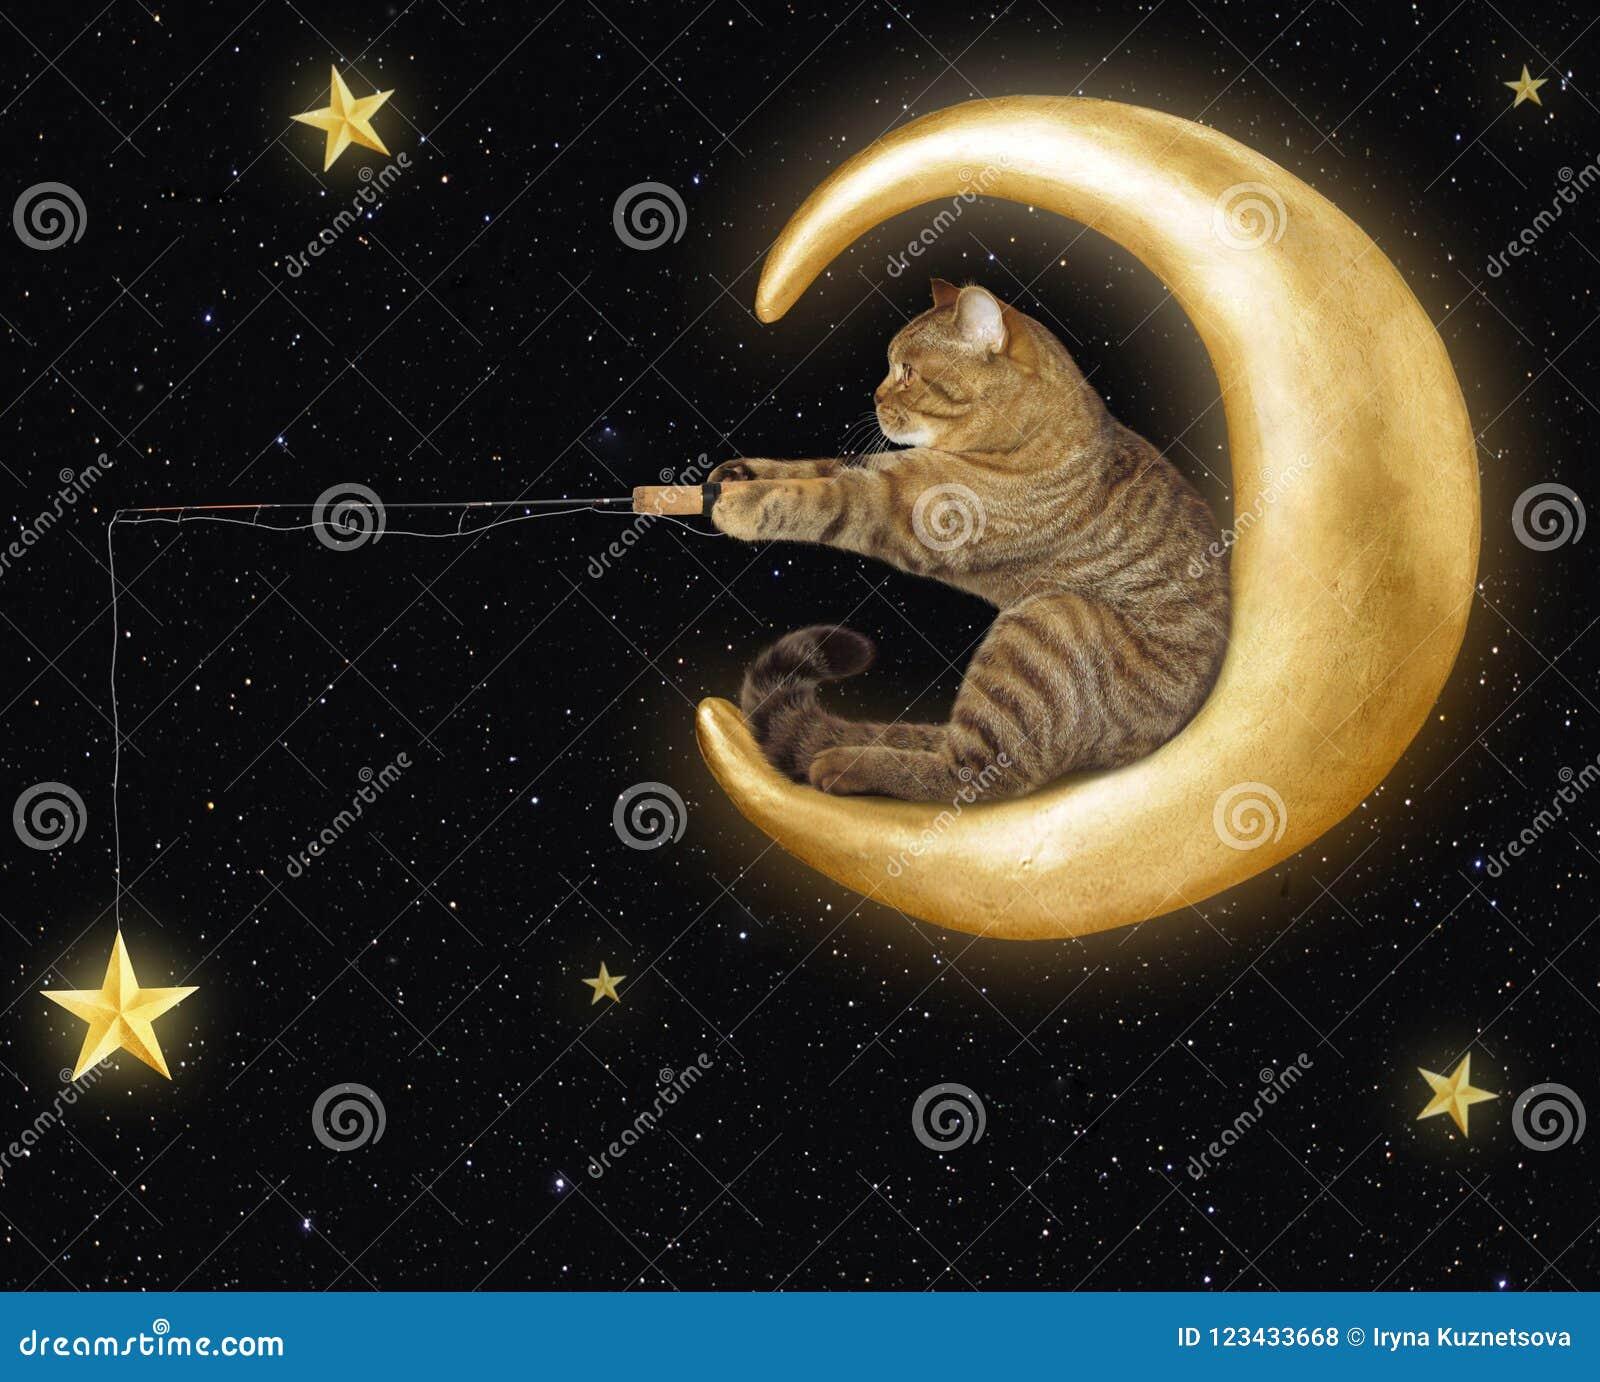 Katten på månen fångar stjärnor